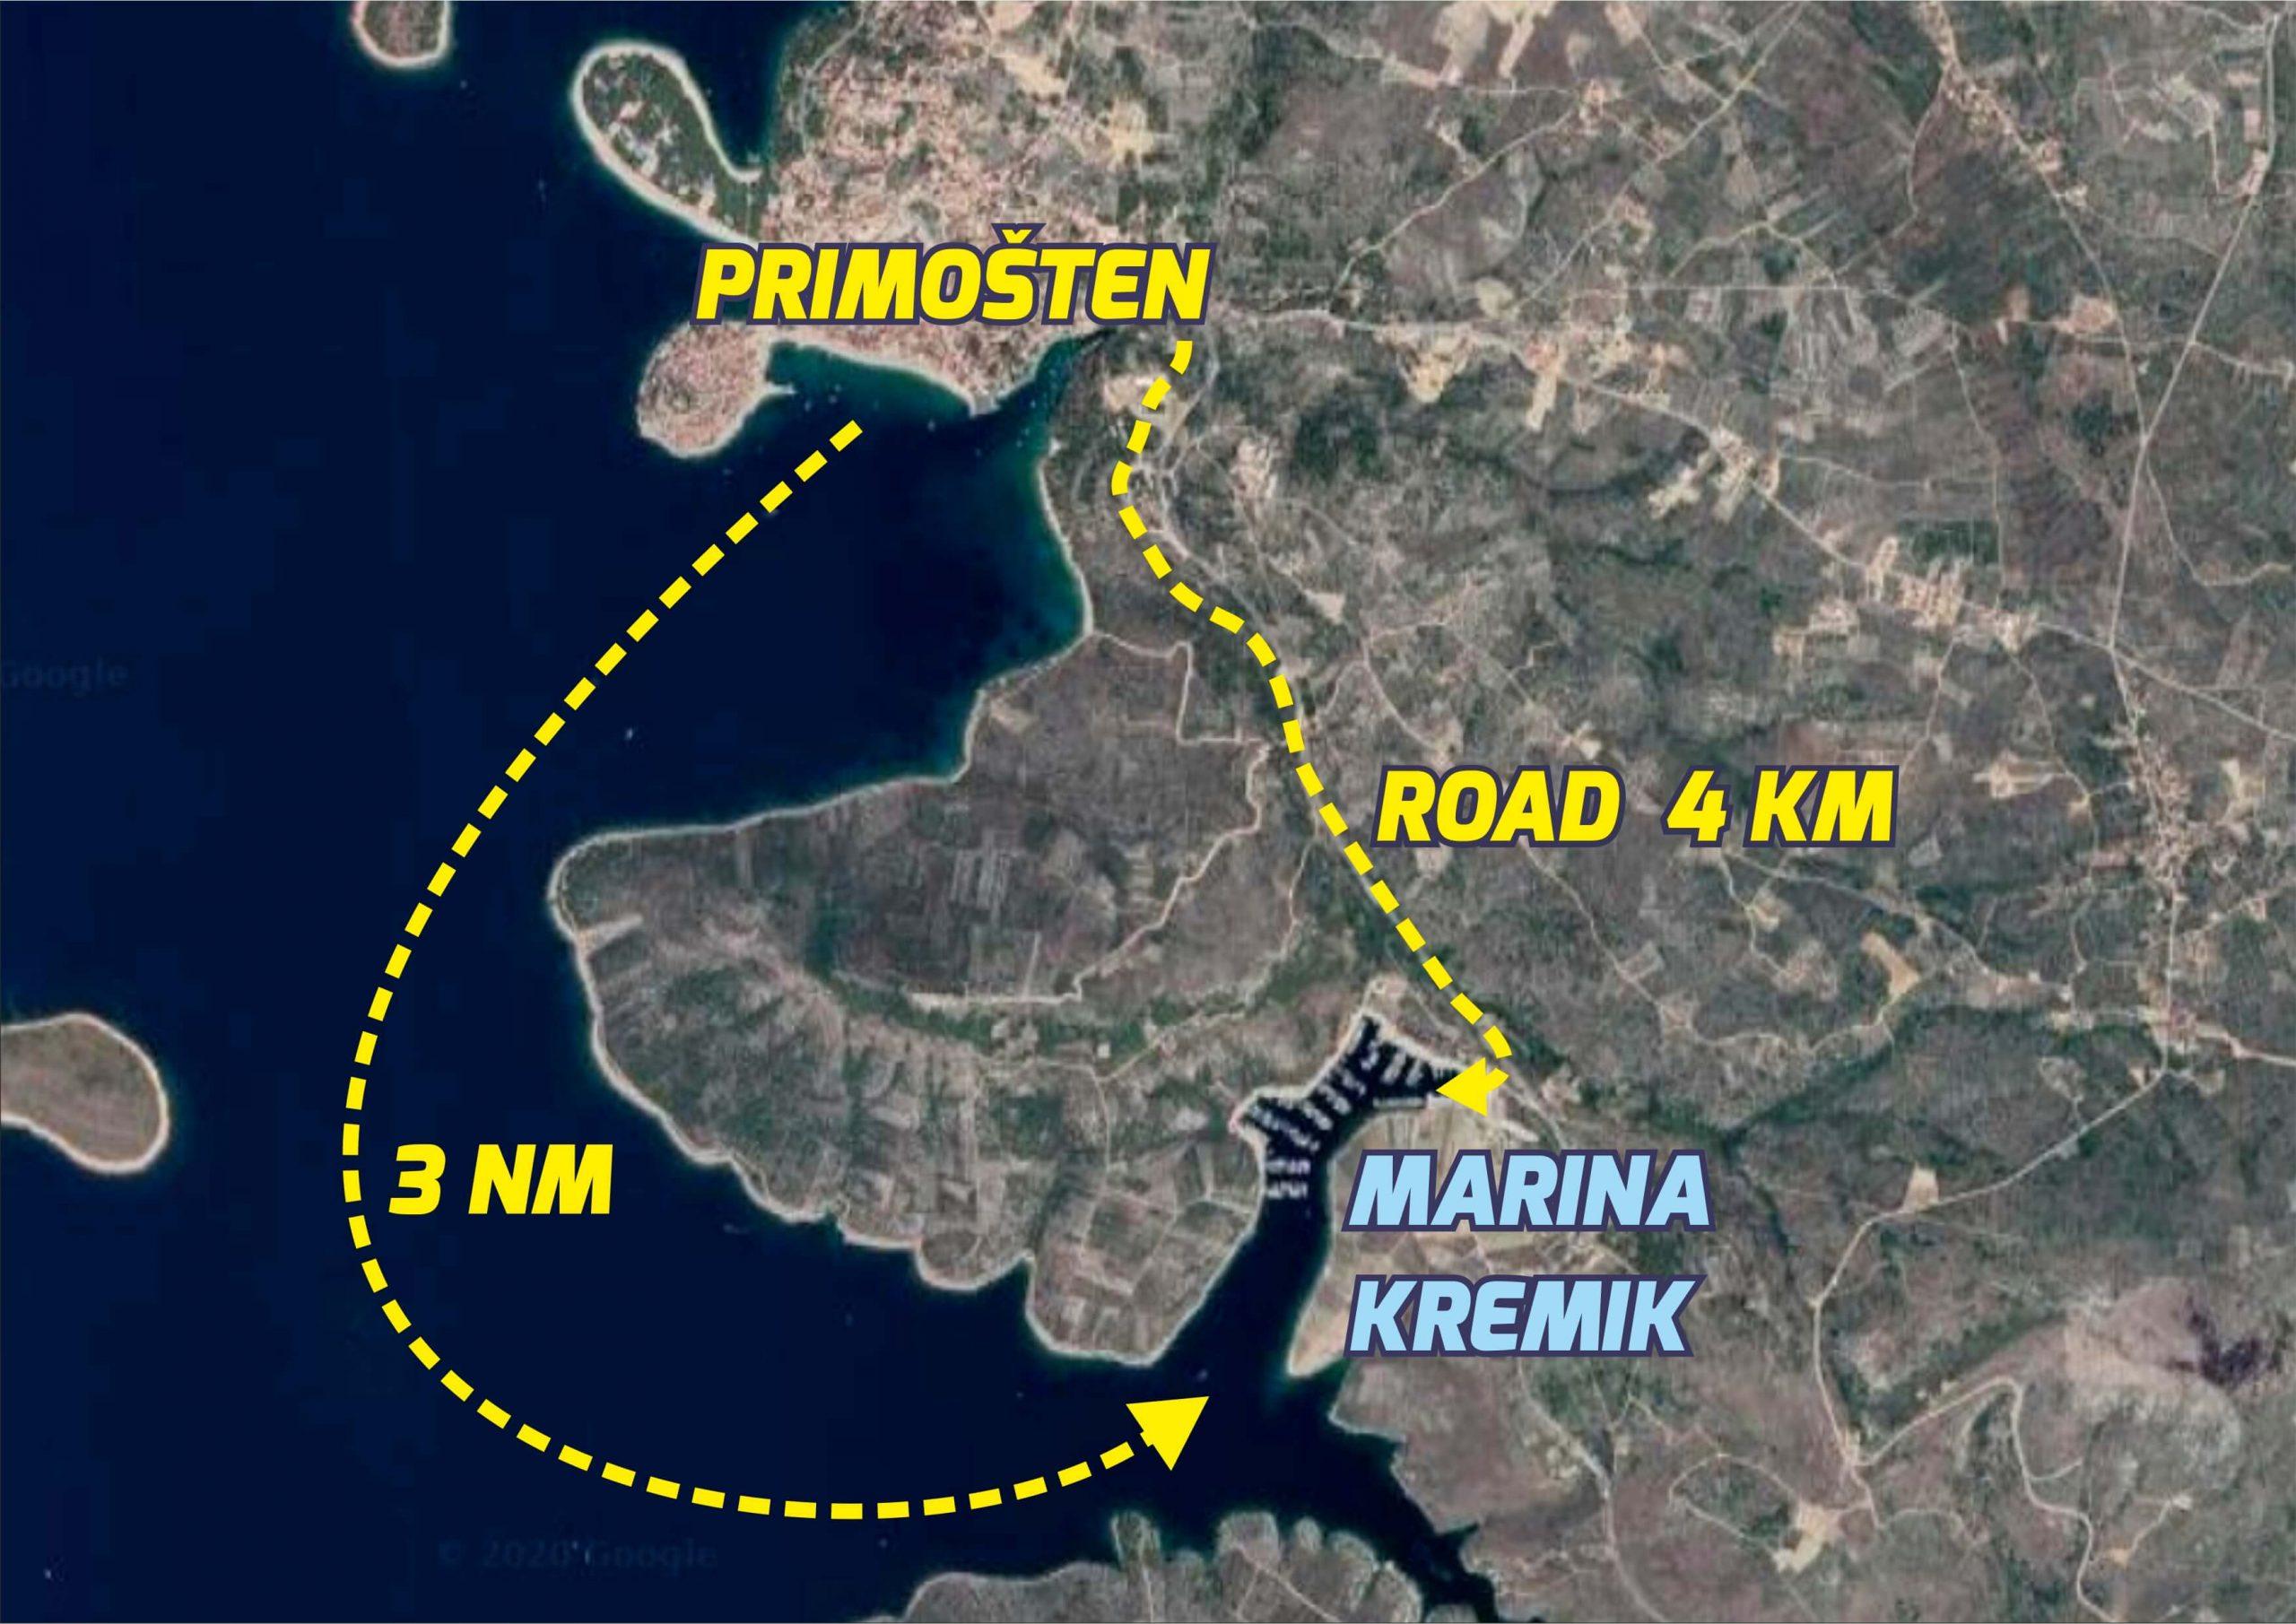 marina kremik road and sea scaled - Kremik Marina